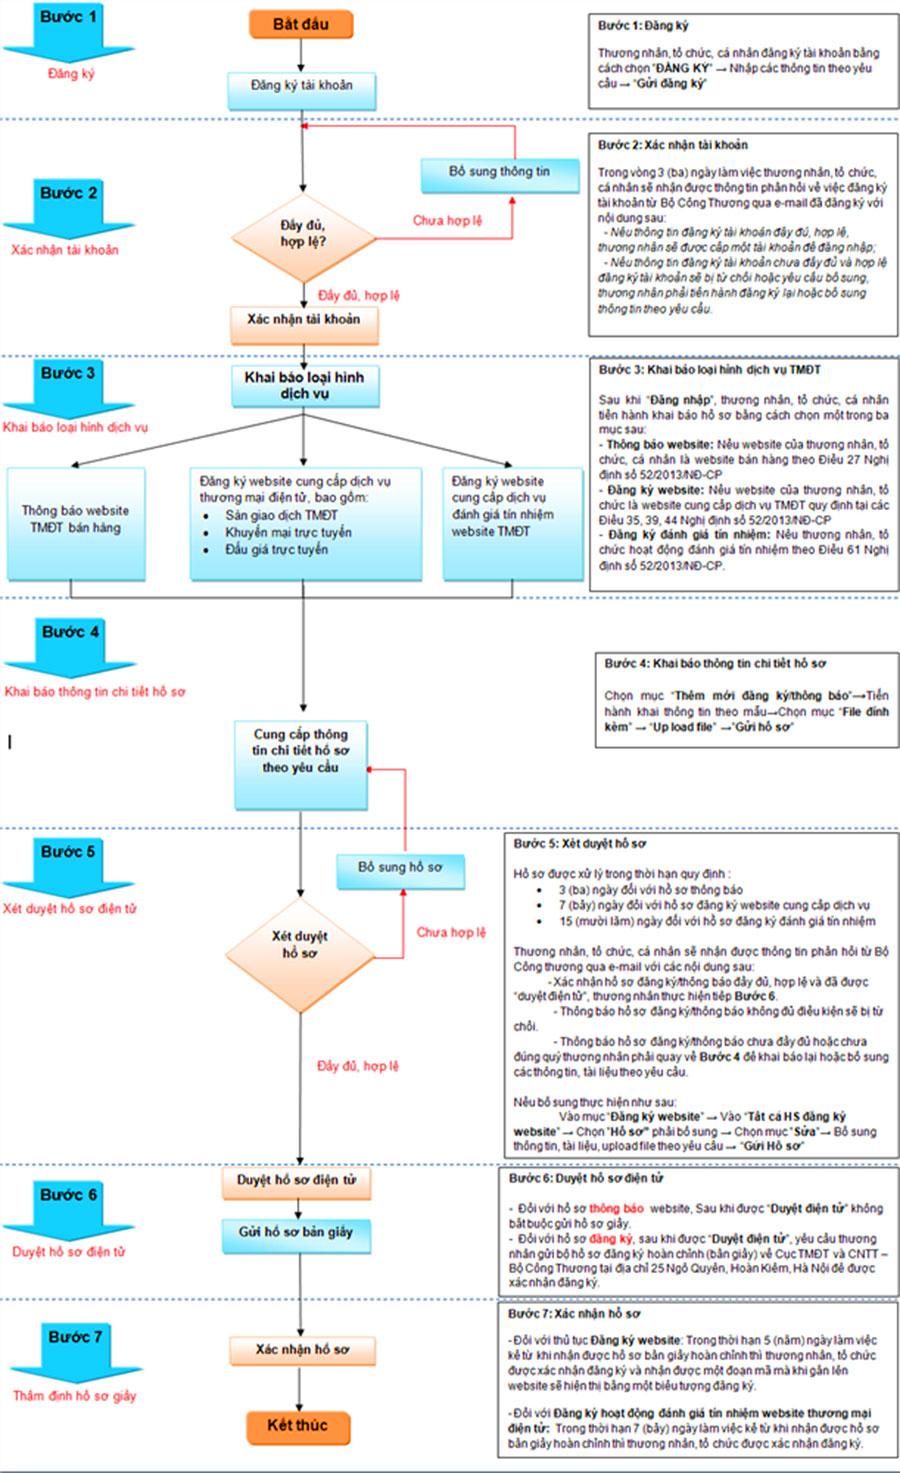 sơ đồ quy trình thông báo đăng ký website ứng dụng thương mại điện tử với bộ công thương